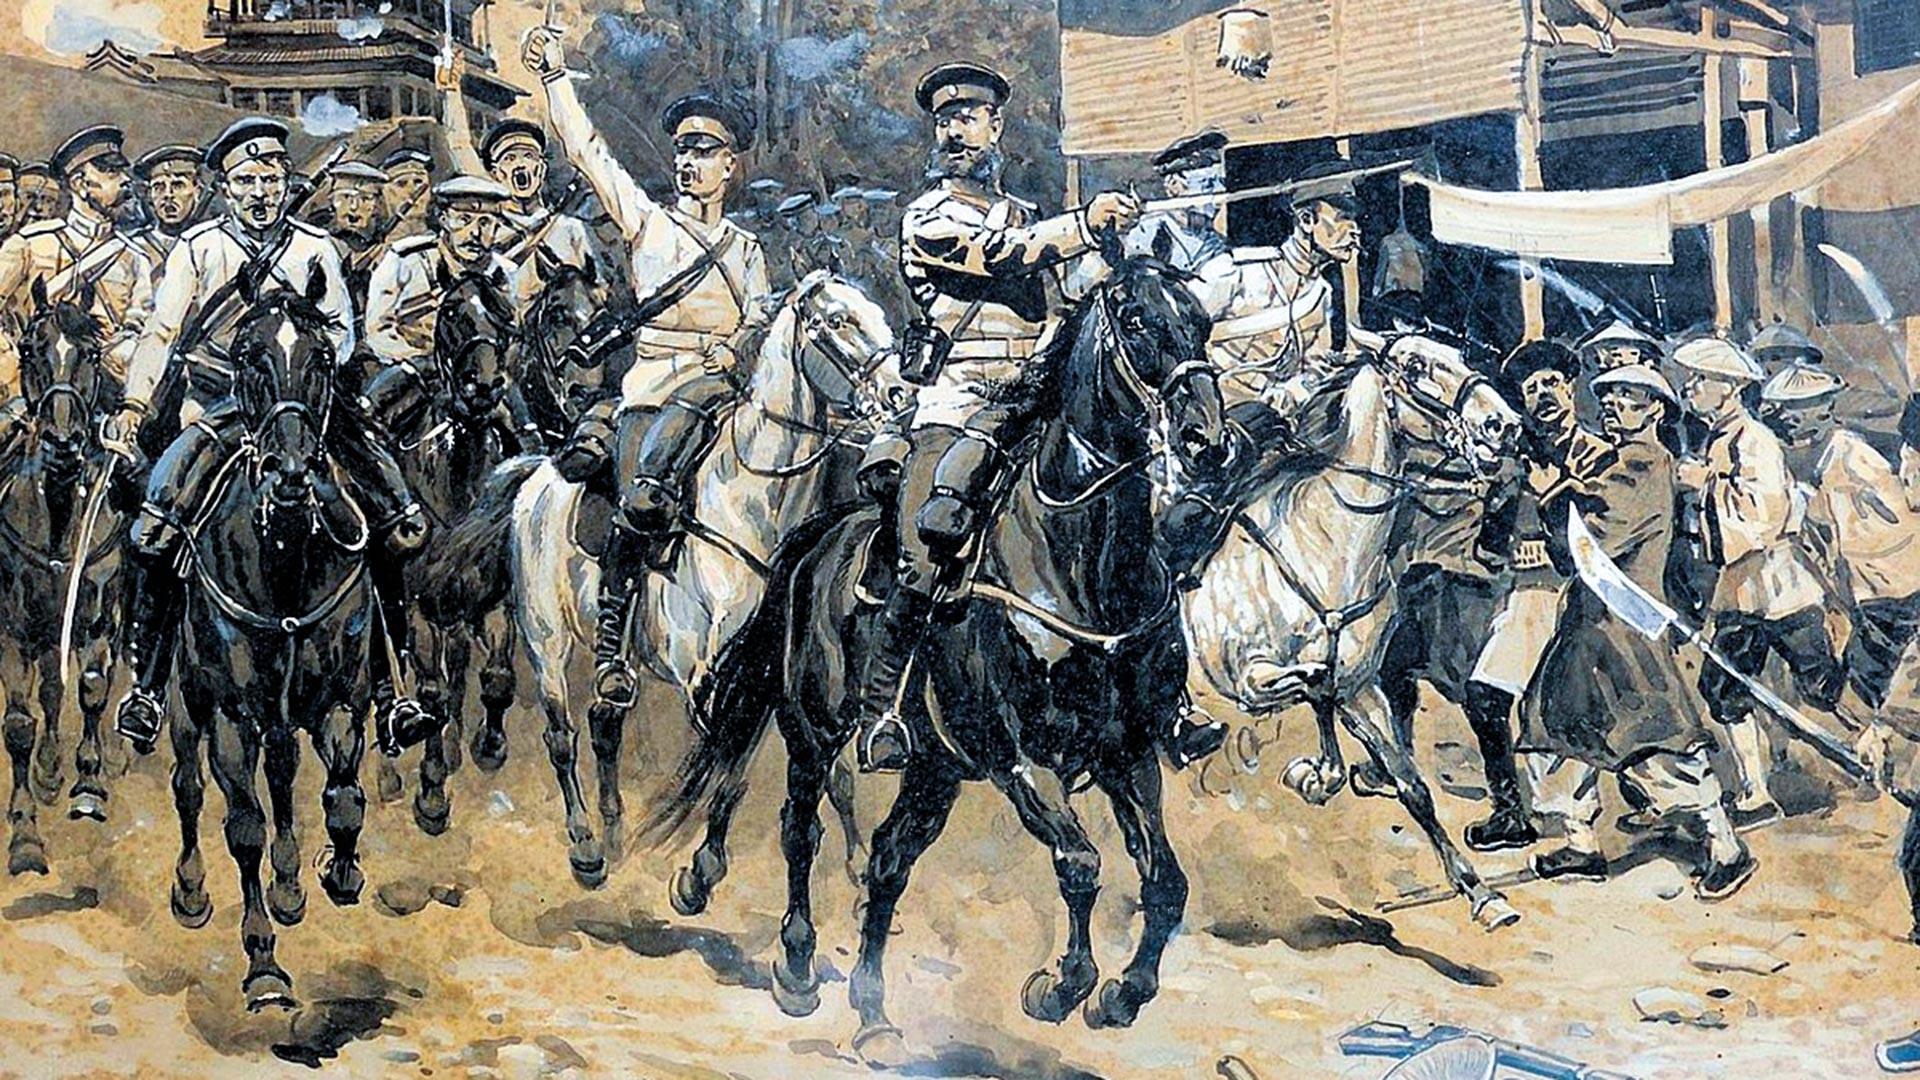 Russische Kavallerie in China während der Niederschlagung des Ihetuan-Aufstands.